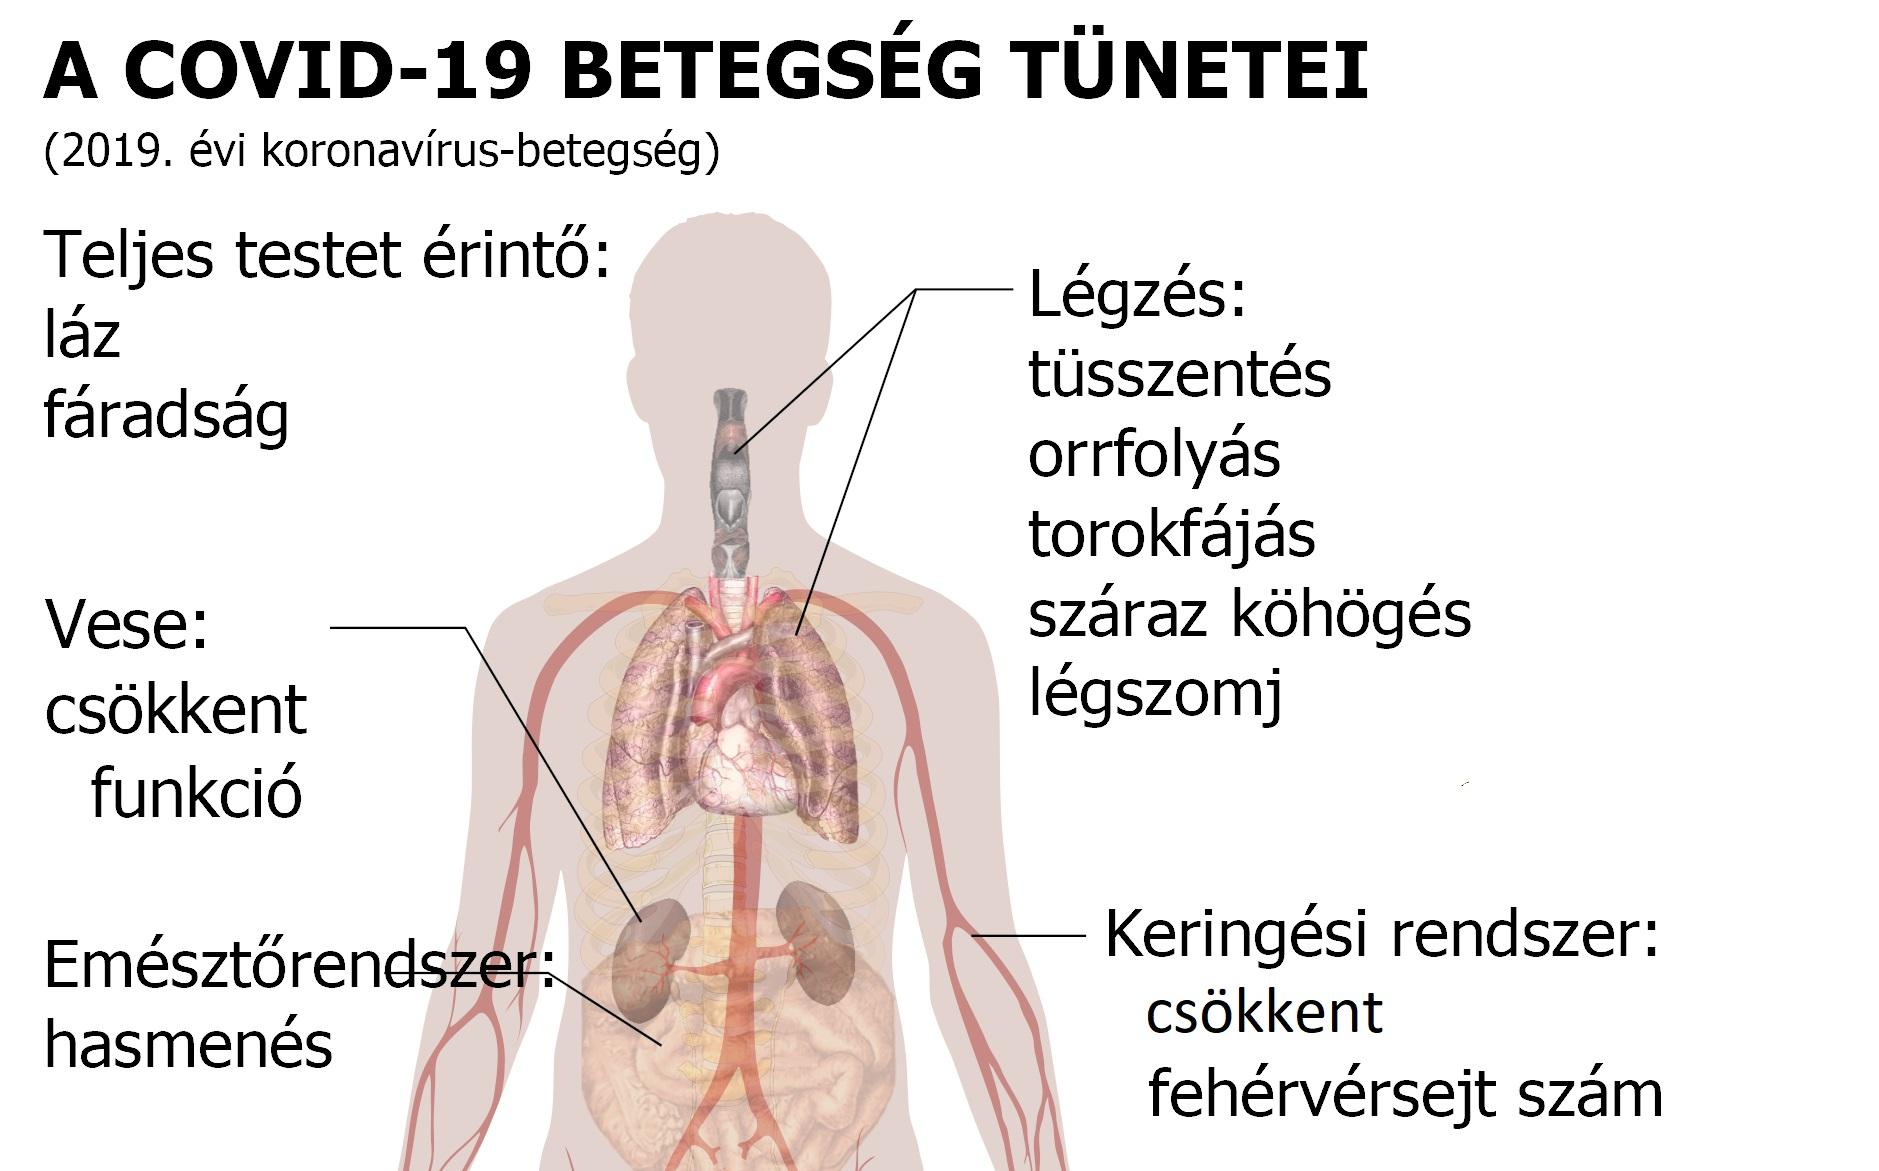 ösztrogén magas vérnyomás esetén jódhiány és magas vérnyomás